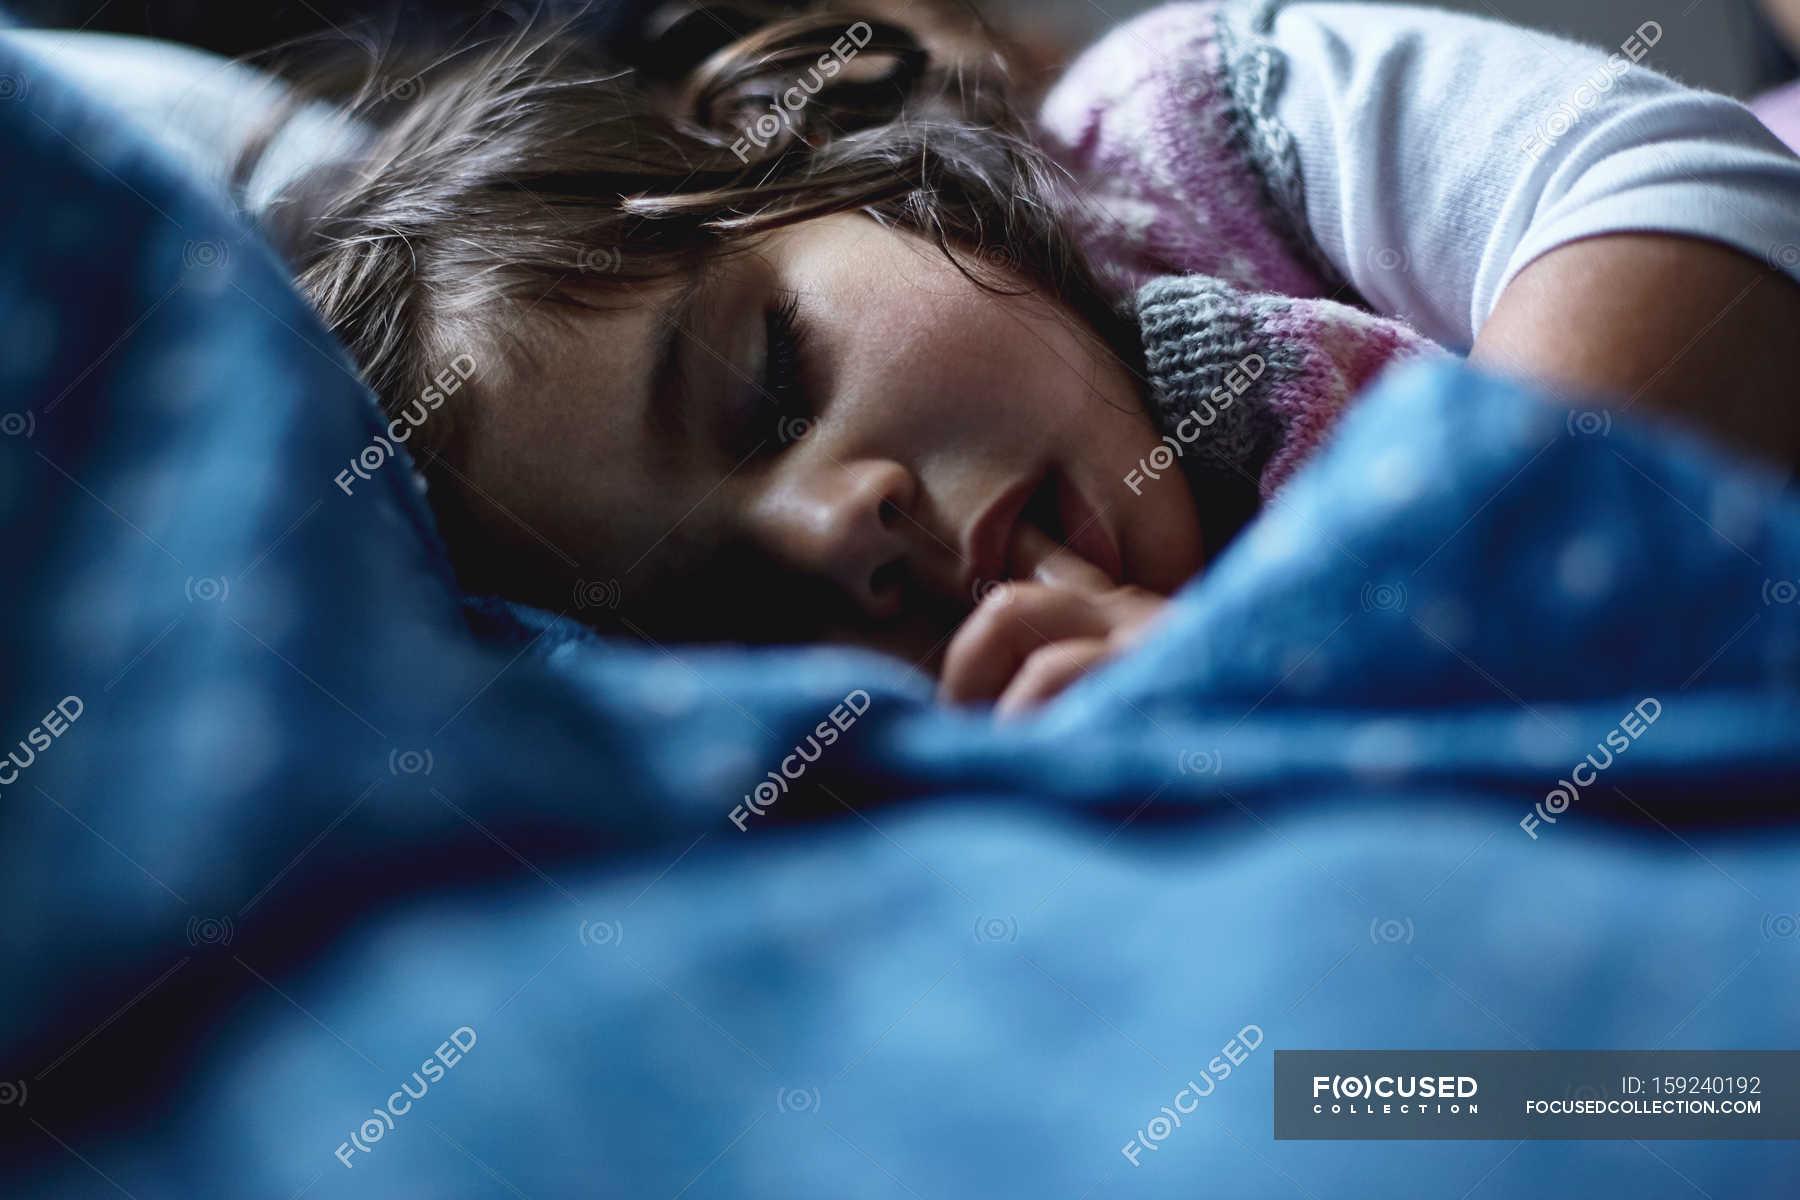 Спящей засунули член в рот, Брат засунул хуй в рот пьяной спящей сестре блондинке 22 фотография